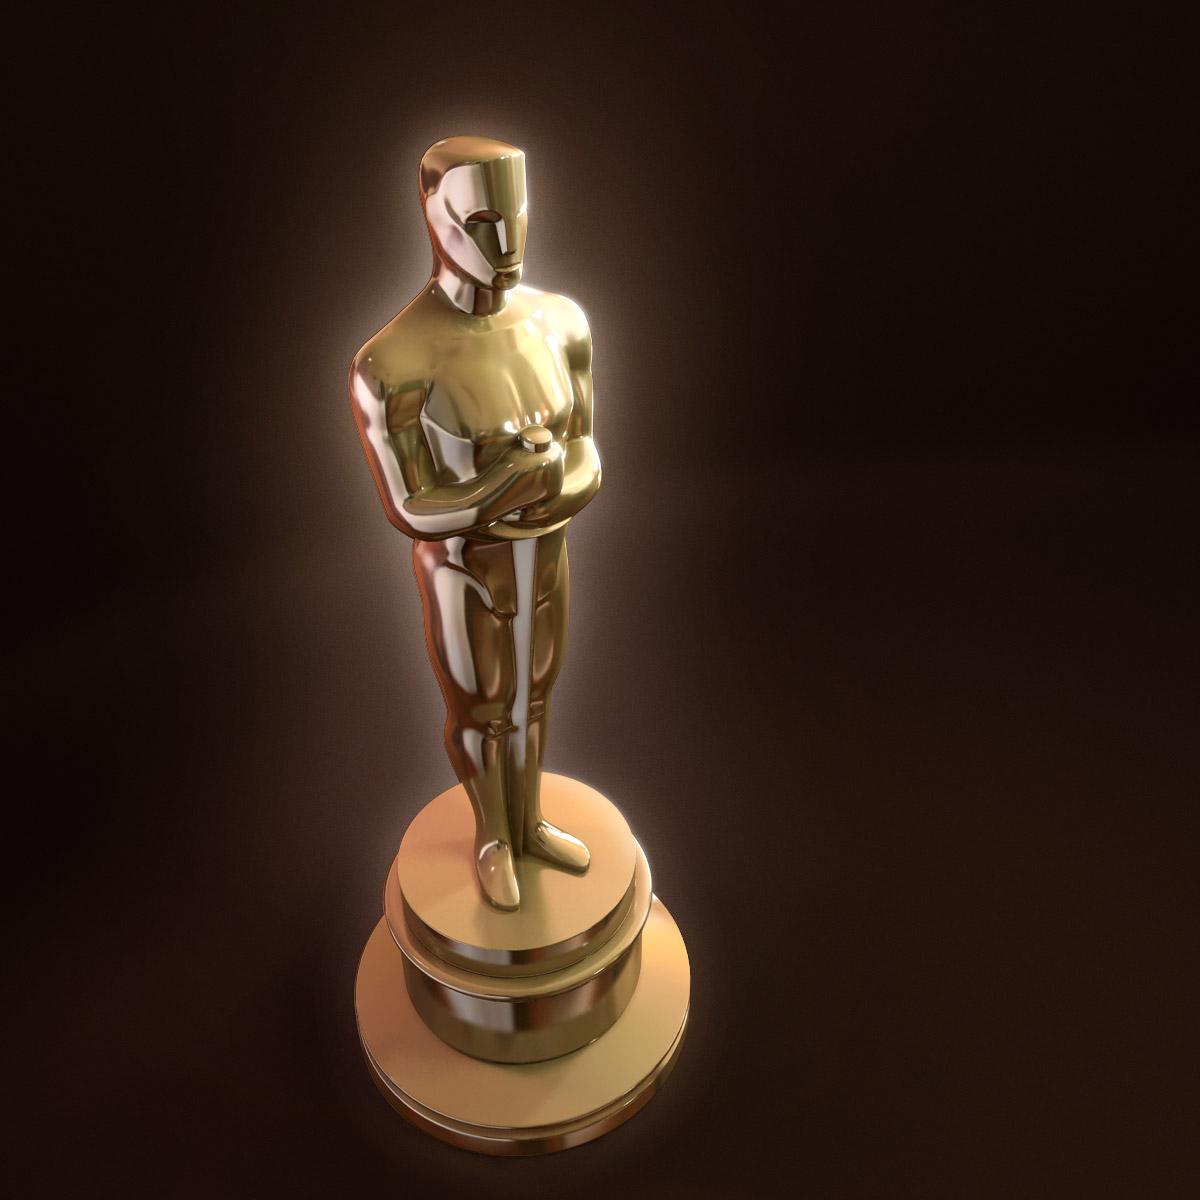 http://1.bp.blogspot.com/-JB_jeX-dPIU/UStgGJe-IBI/AAAAAAAAGQw/G8CrSSuAo8U/s1600/Oscar_statue2.jpg